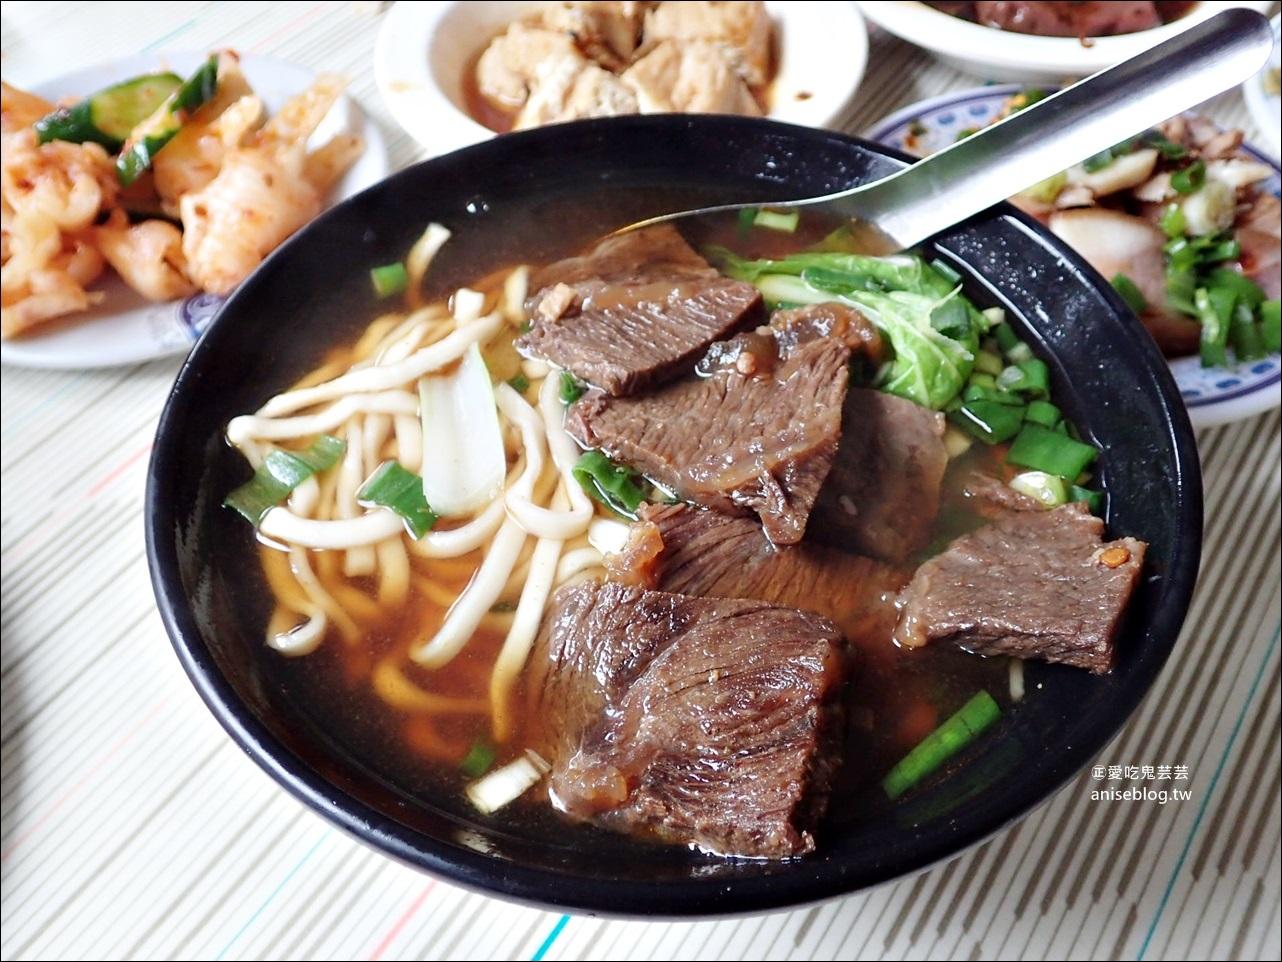 信奕牛肉麵、ㄚ西瑞方紅茶老店,基隆隱藏版平價美食(姊姊食記) @愛吃鬼芸芸